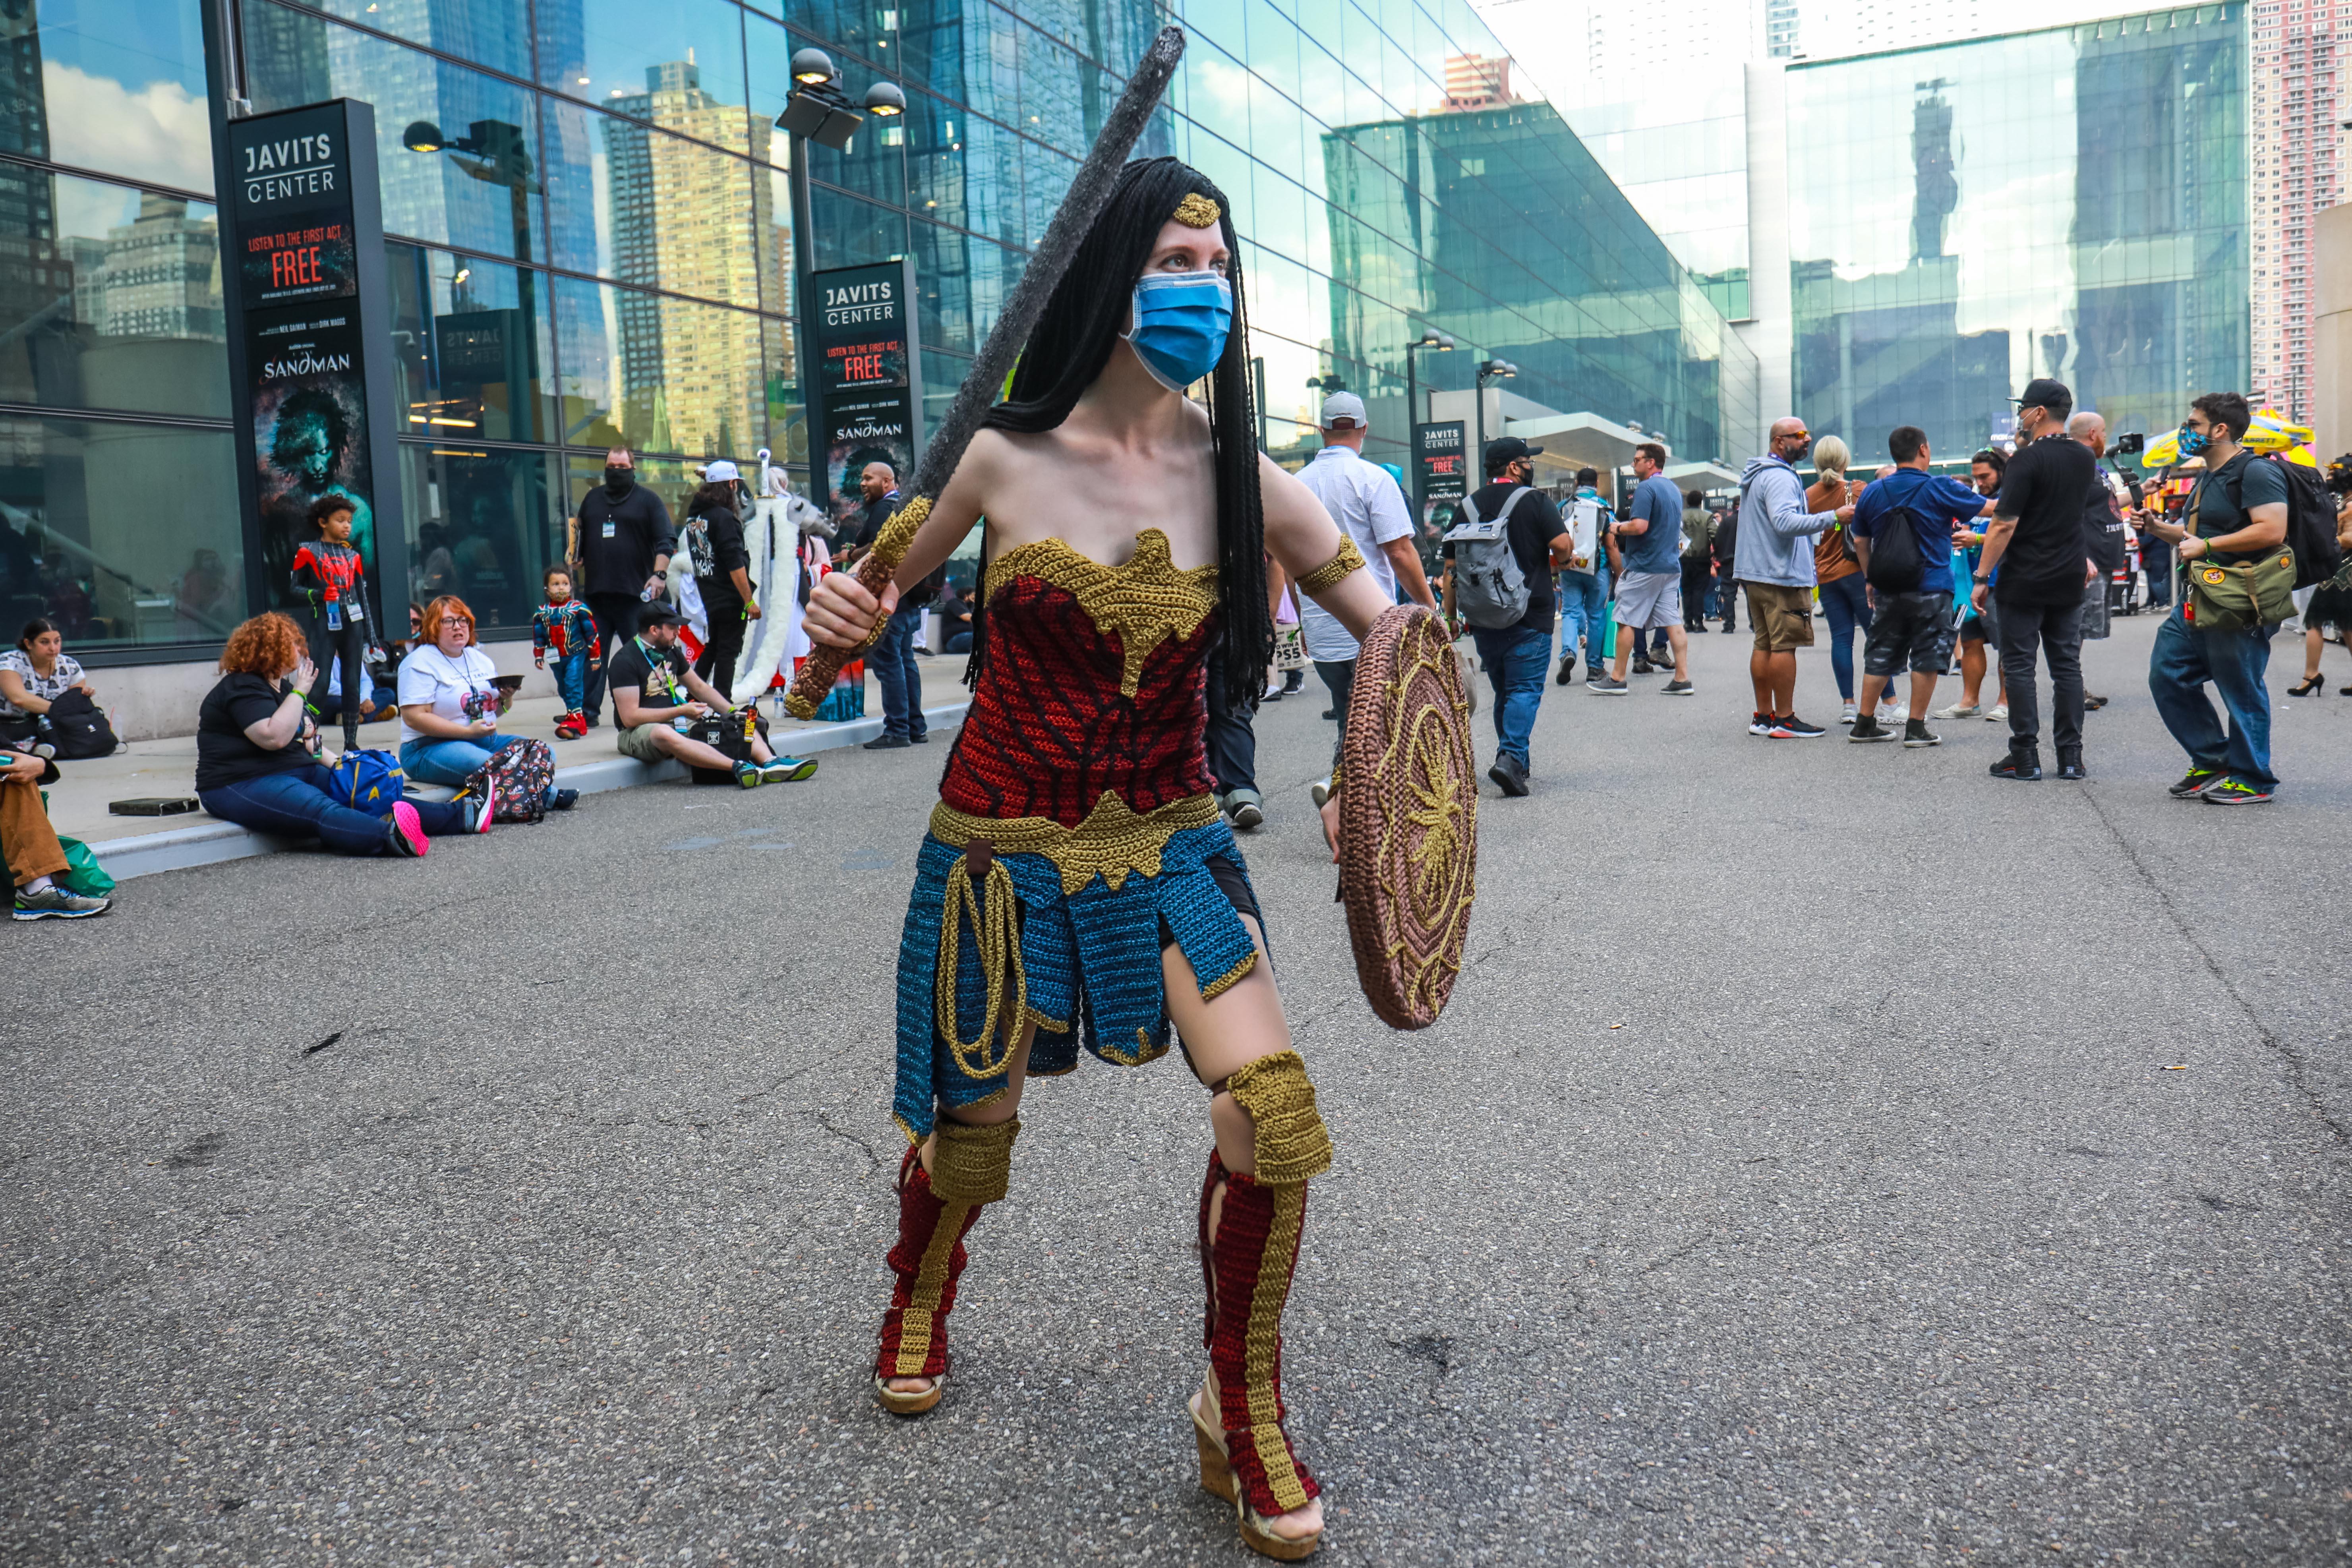 عکسی از الکس در نقش Wonder Woman در کامیک کان 2021 در حال ساخت است